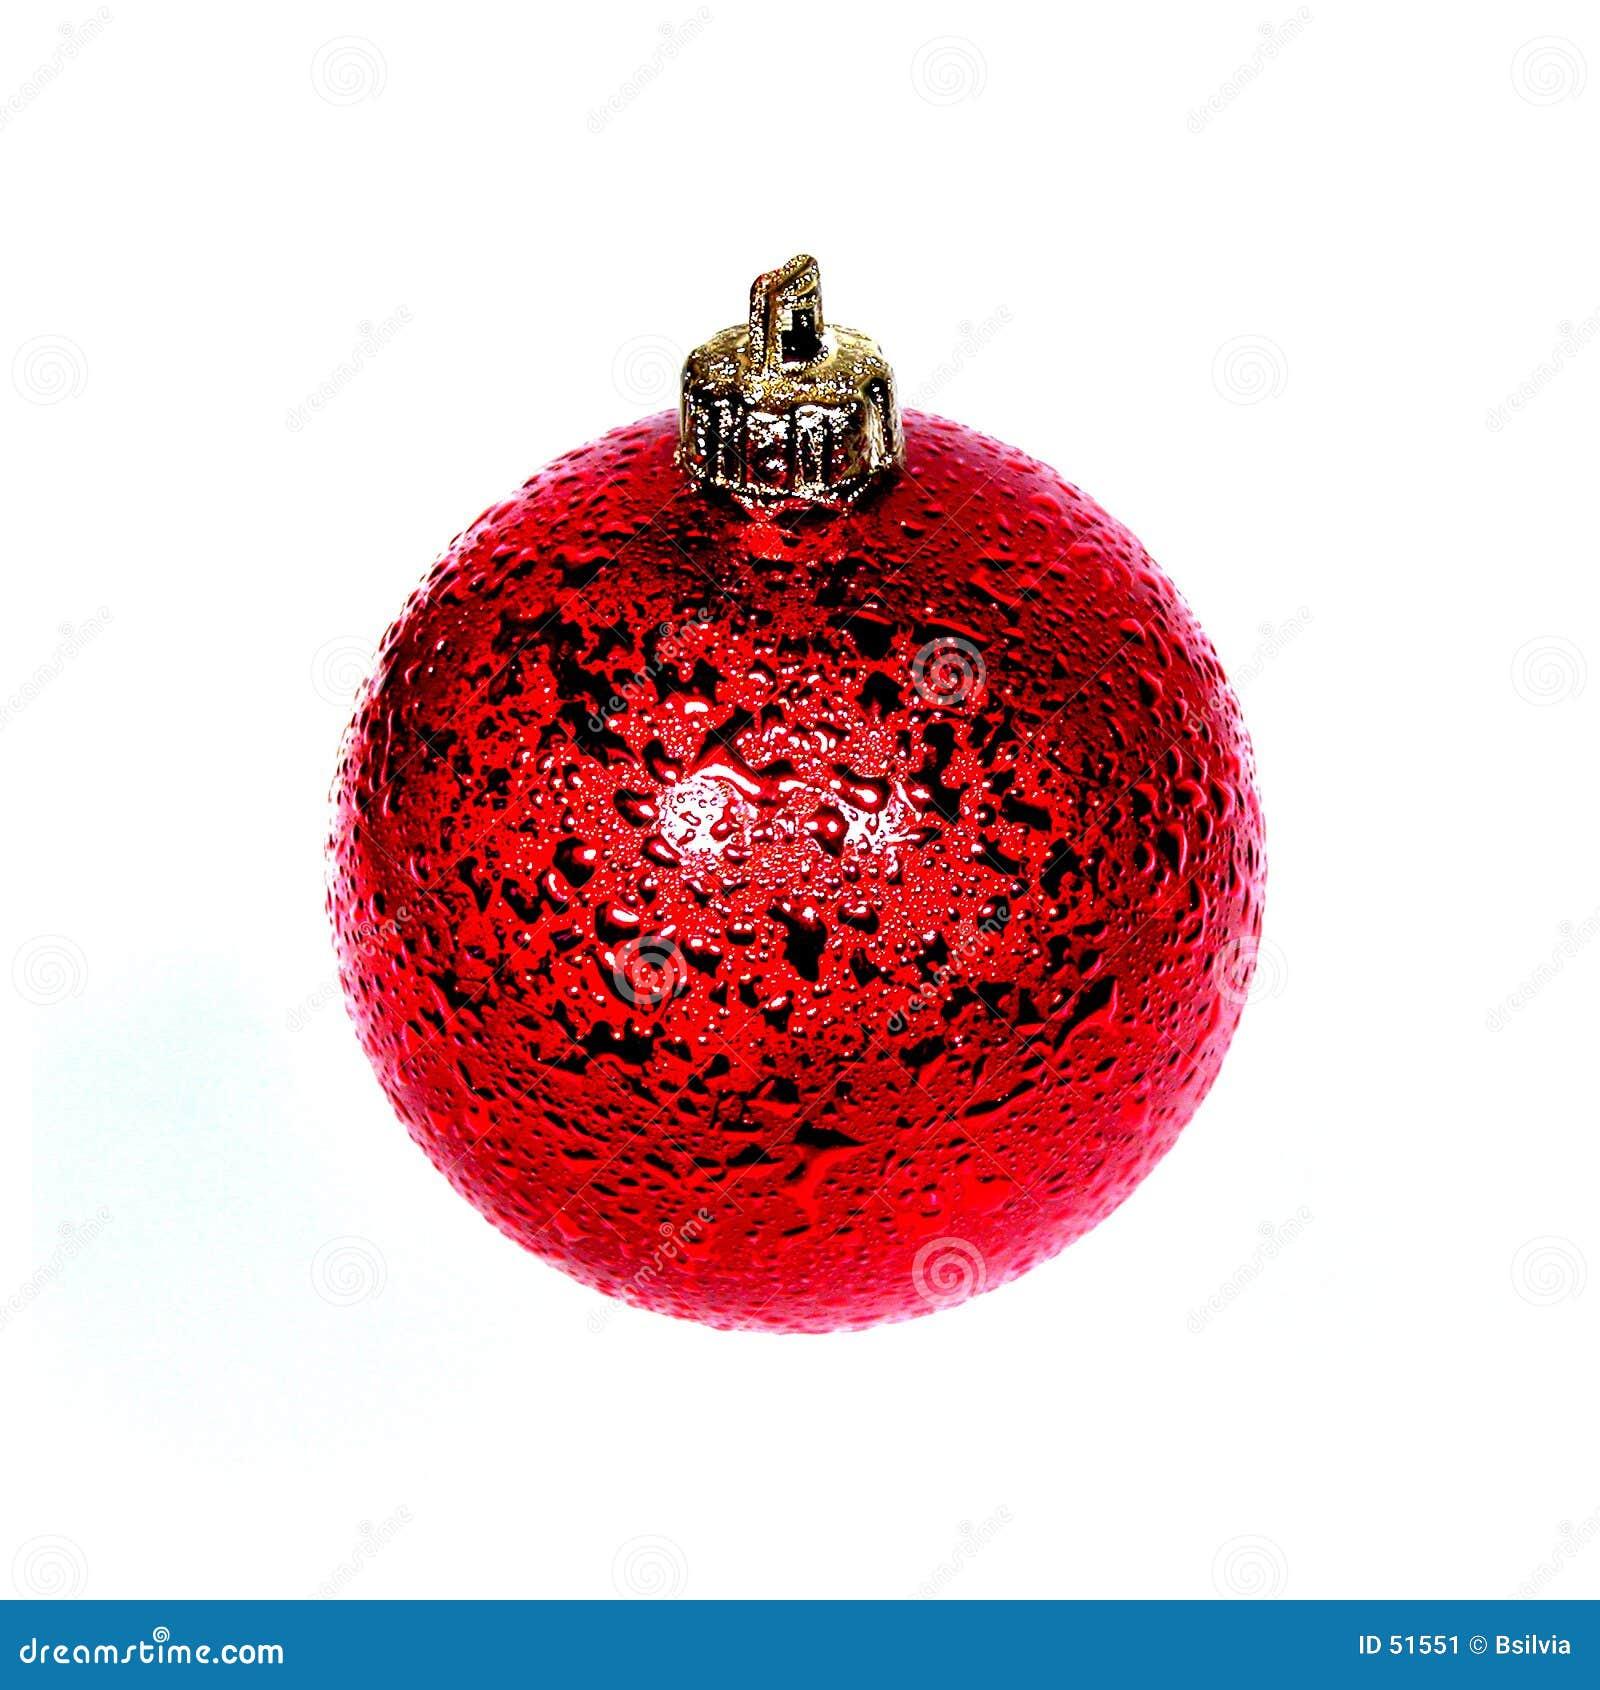 Download Décoration de Noël image stock. Image du noël, santa, saison - 51551